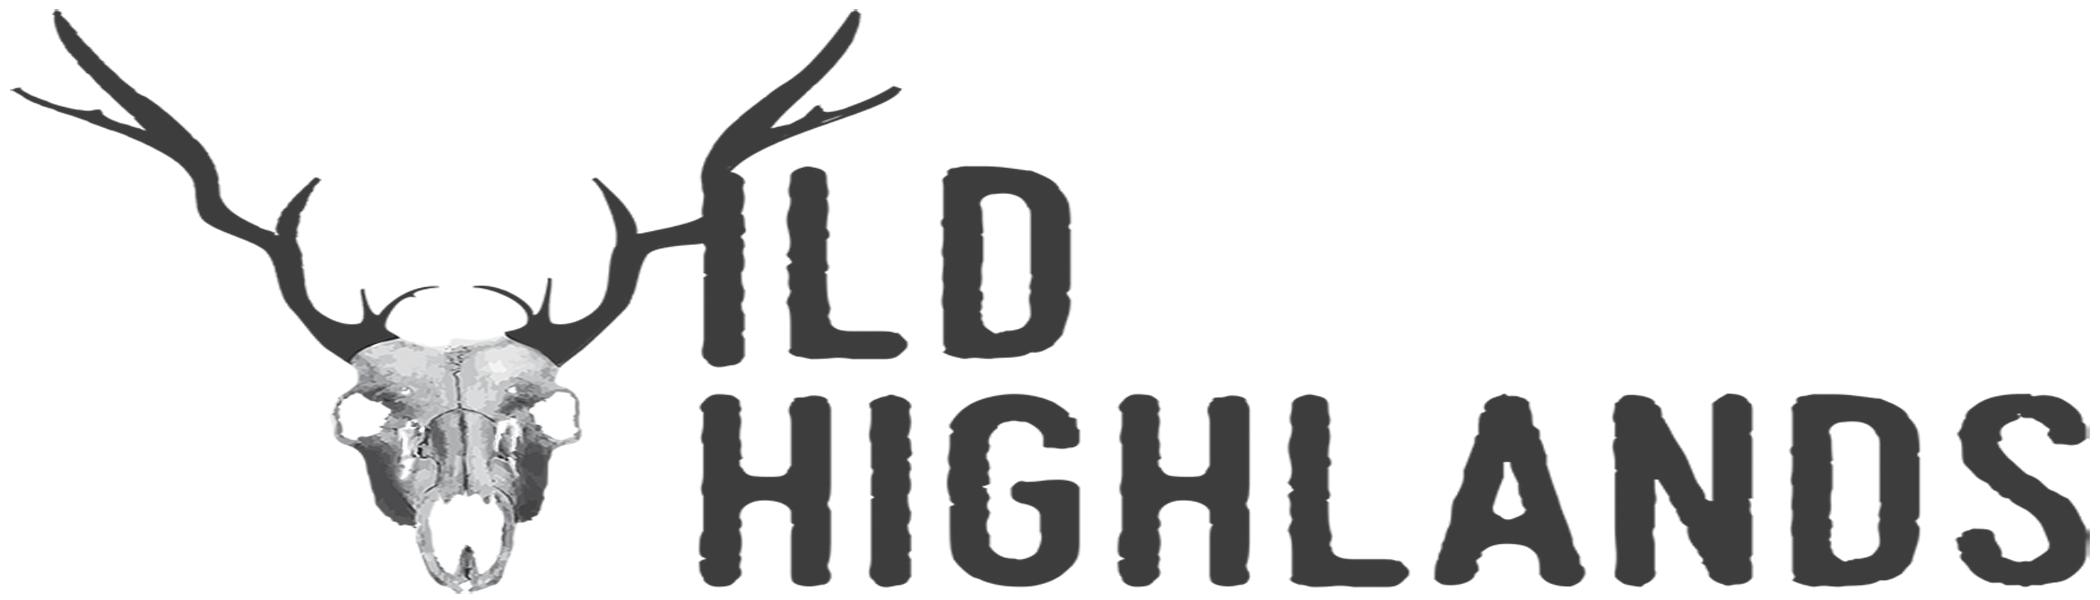 wild-highlands-header